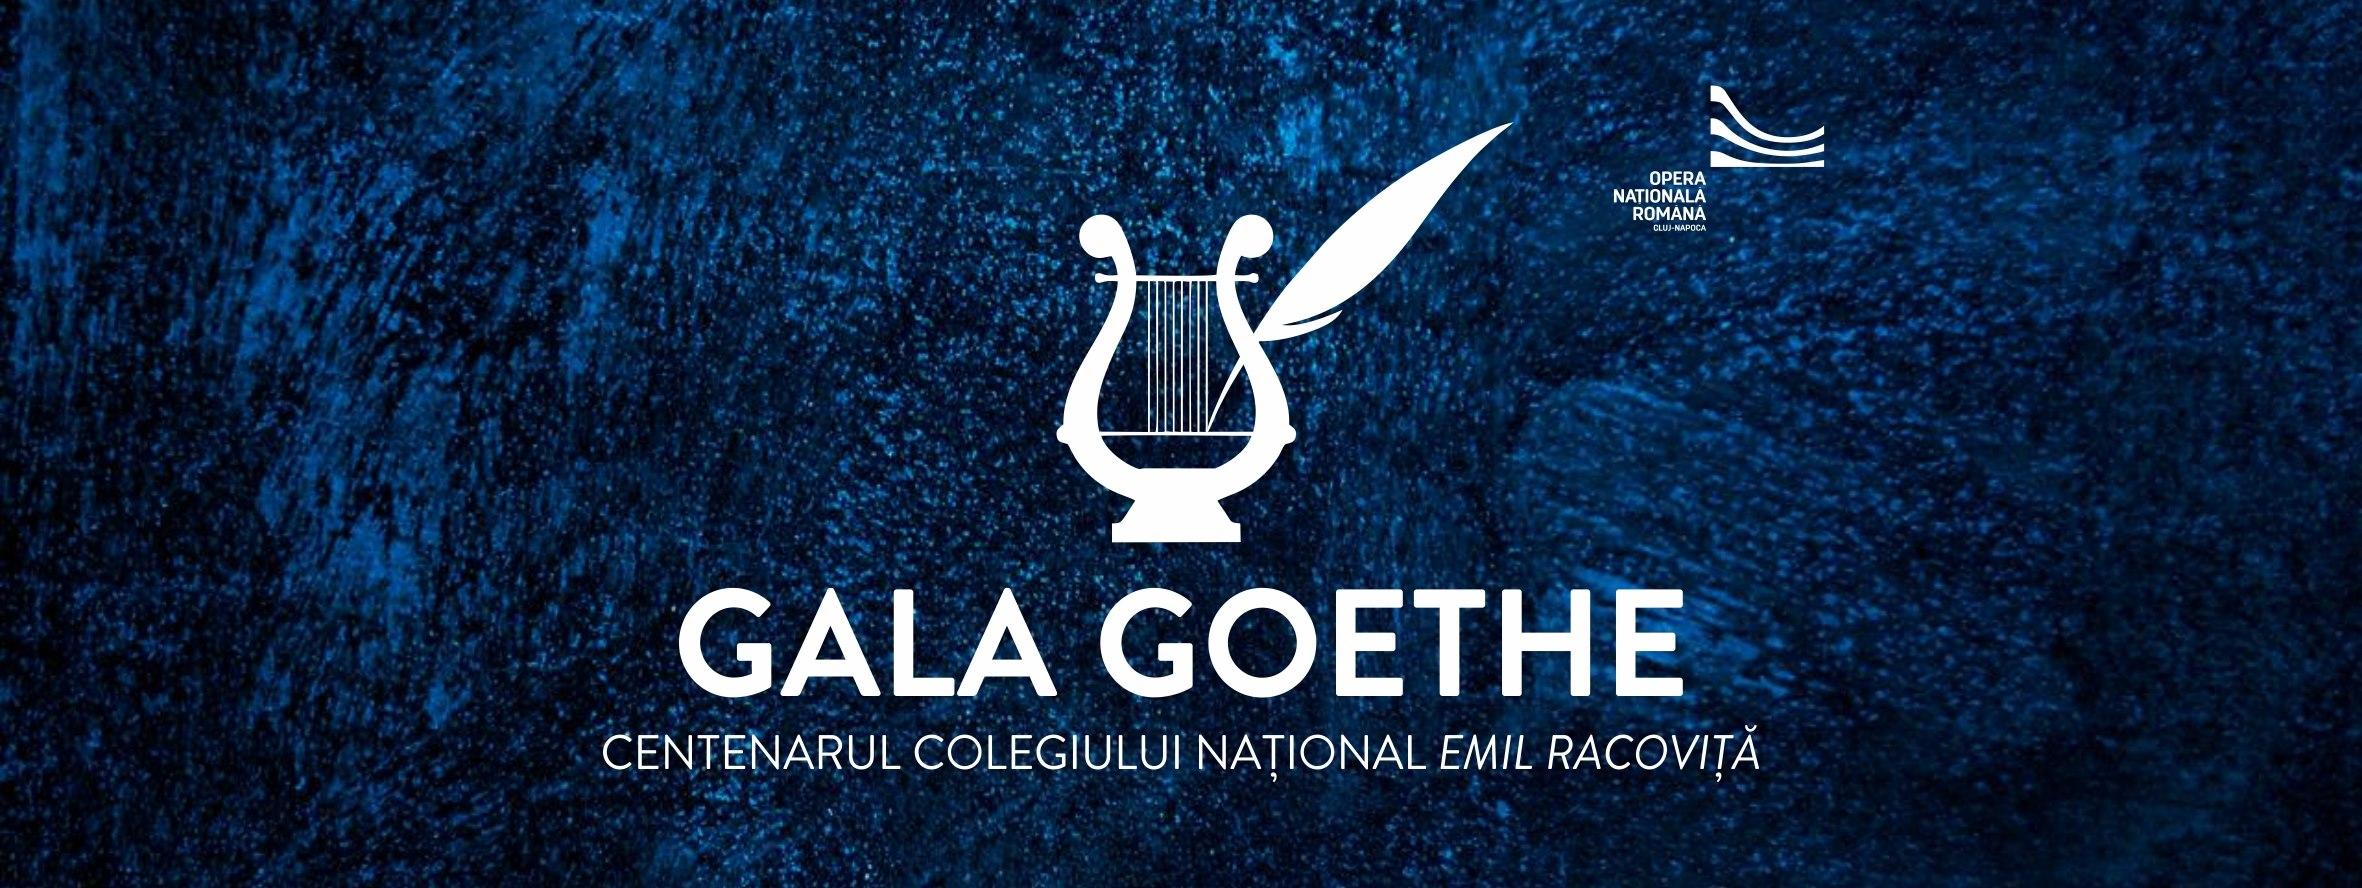 Gala Goethe